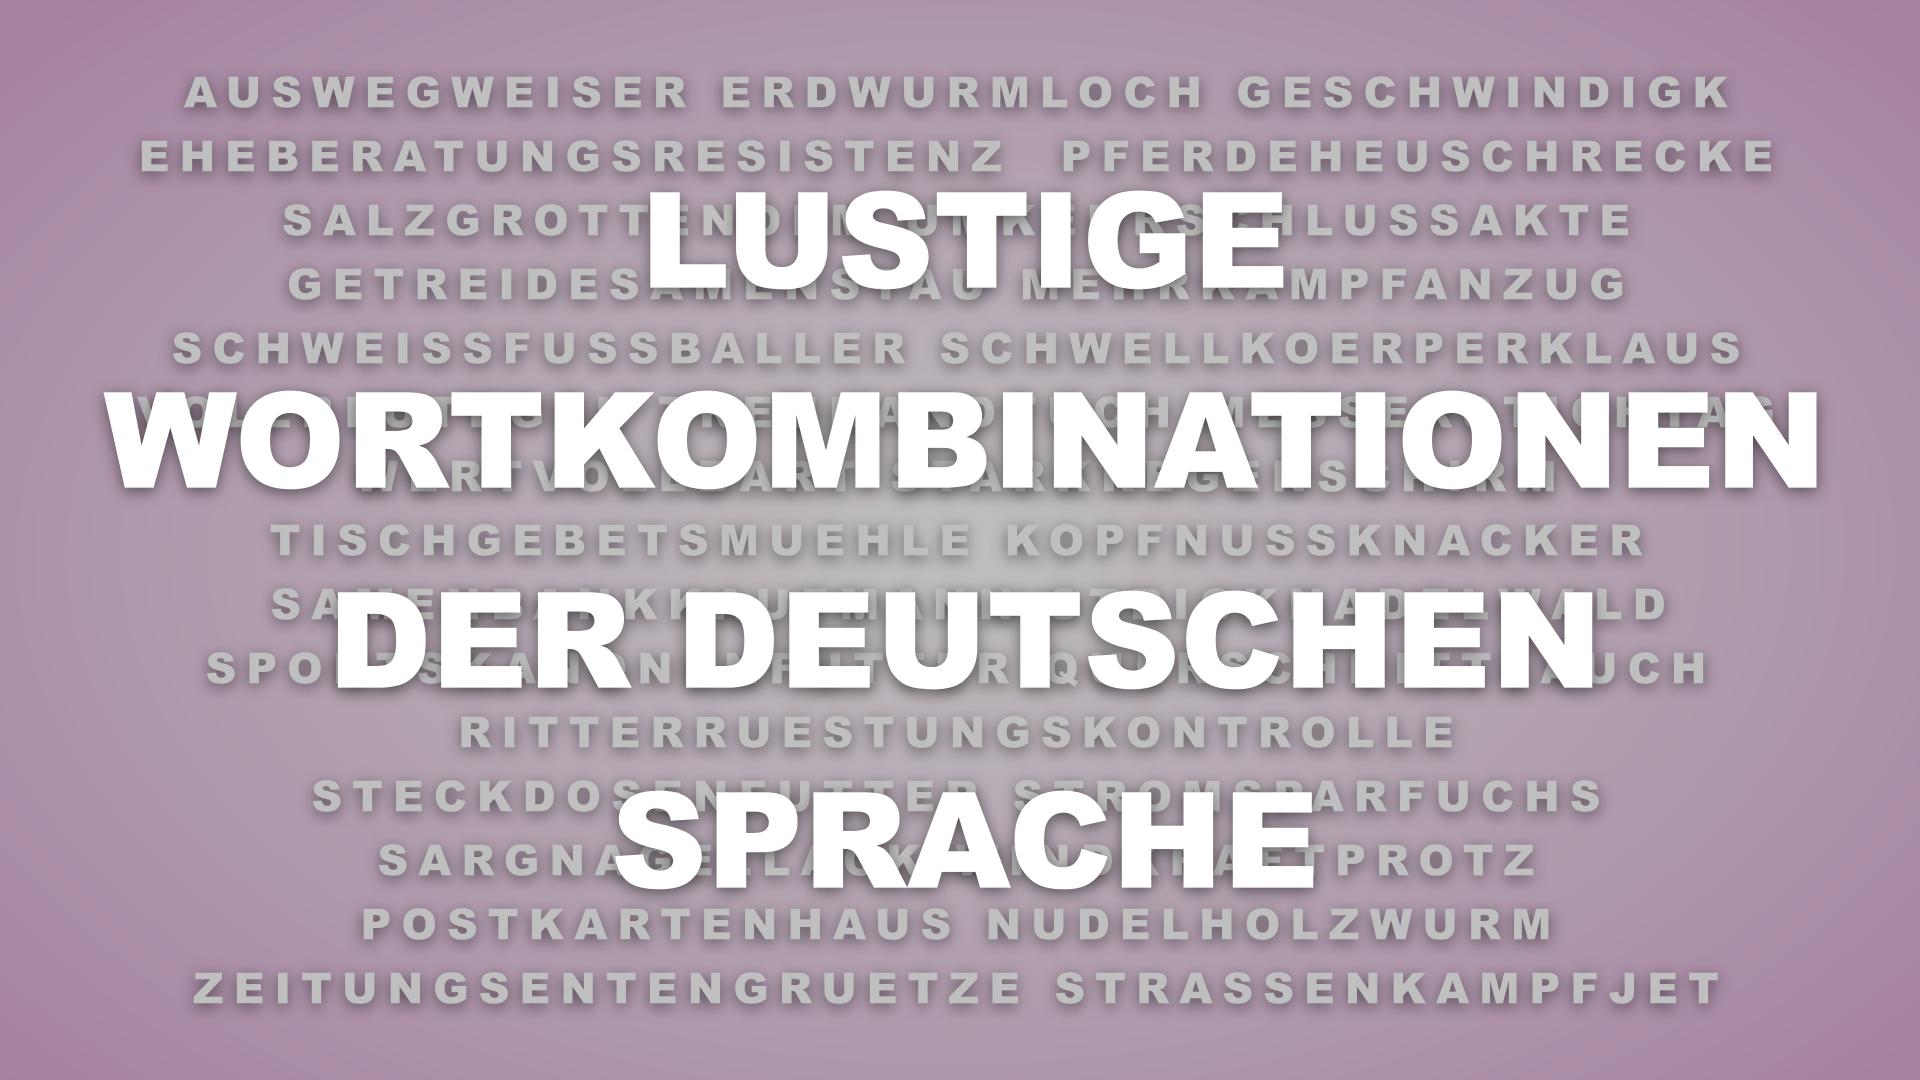 210 Lustige Wortkombinationen der Deutschen Sprache